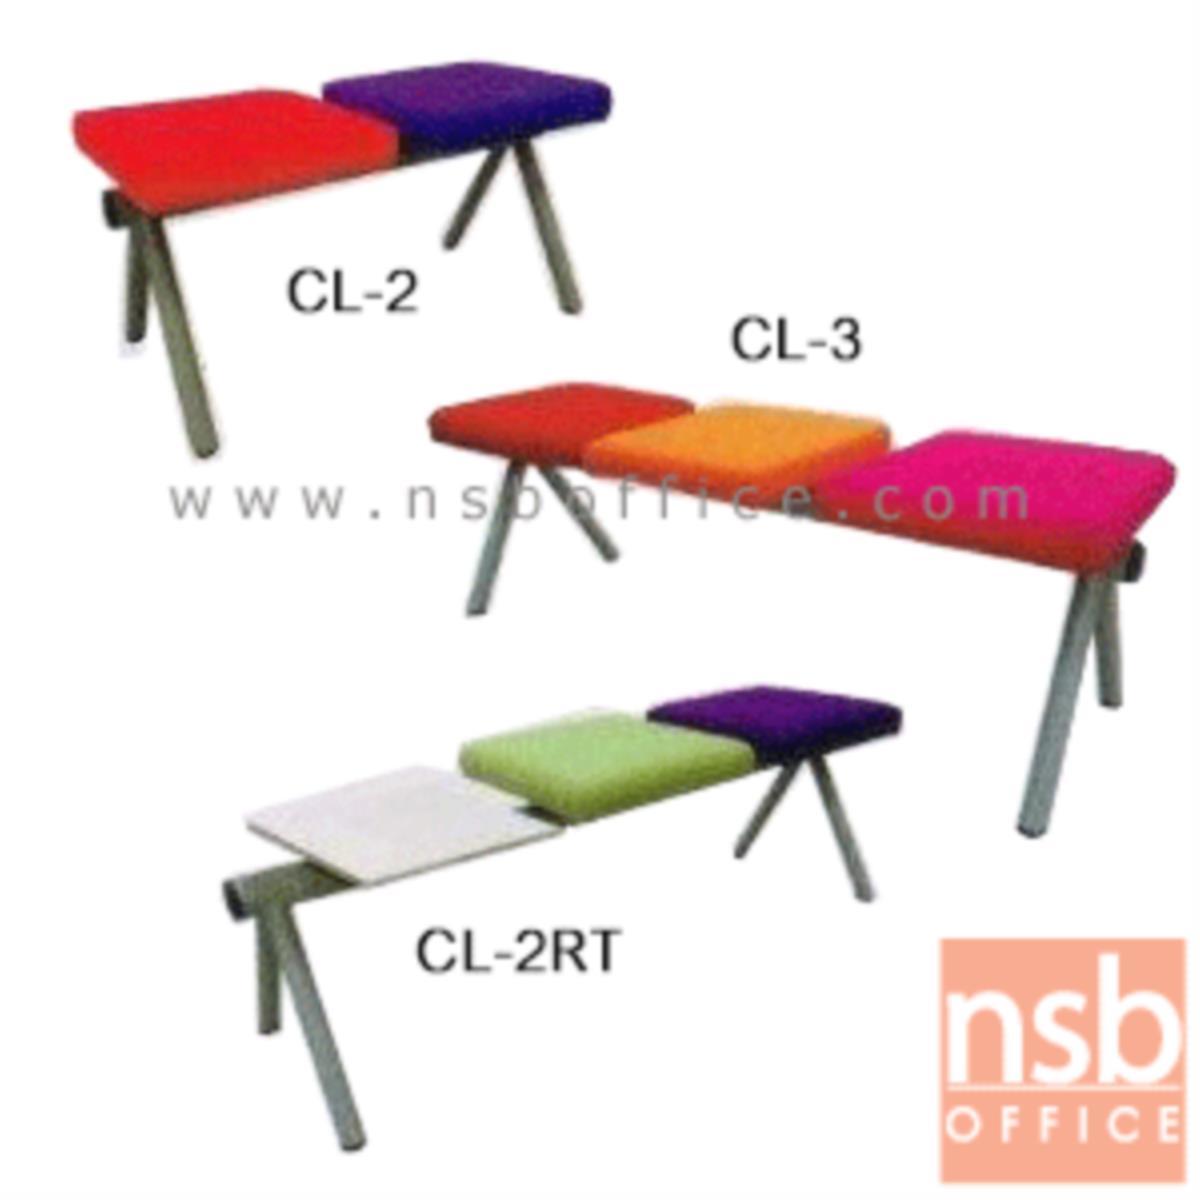 B06A096:เก้าอี้นั่งคอยหุ้มหนังเทียม รุ่น Magnus (แม็กนัส) 2 ,3 ที่นั่ง ขนาด 91W ,141W cm. ไม่มีพนักพิง ขาเหล็ก